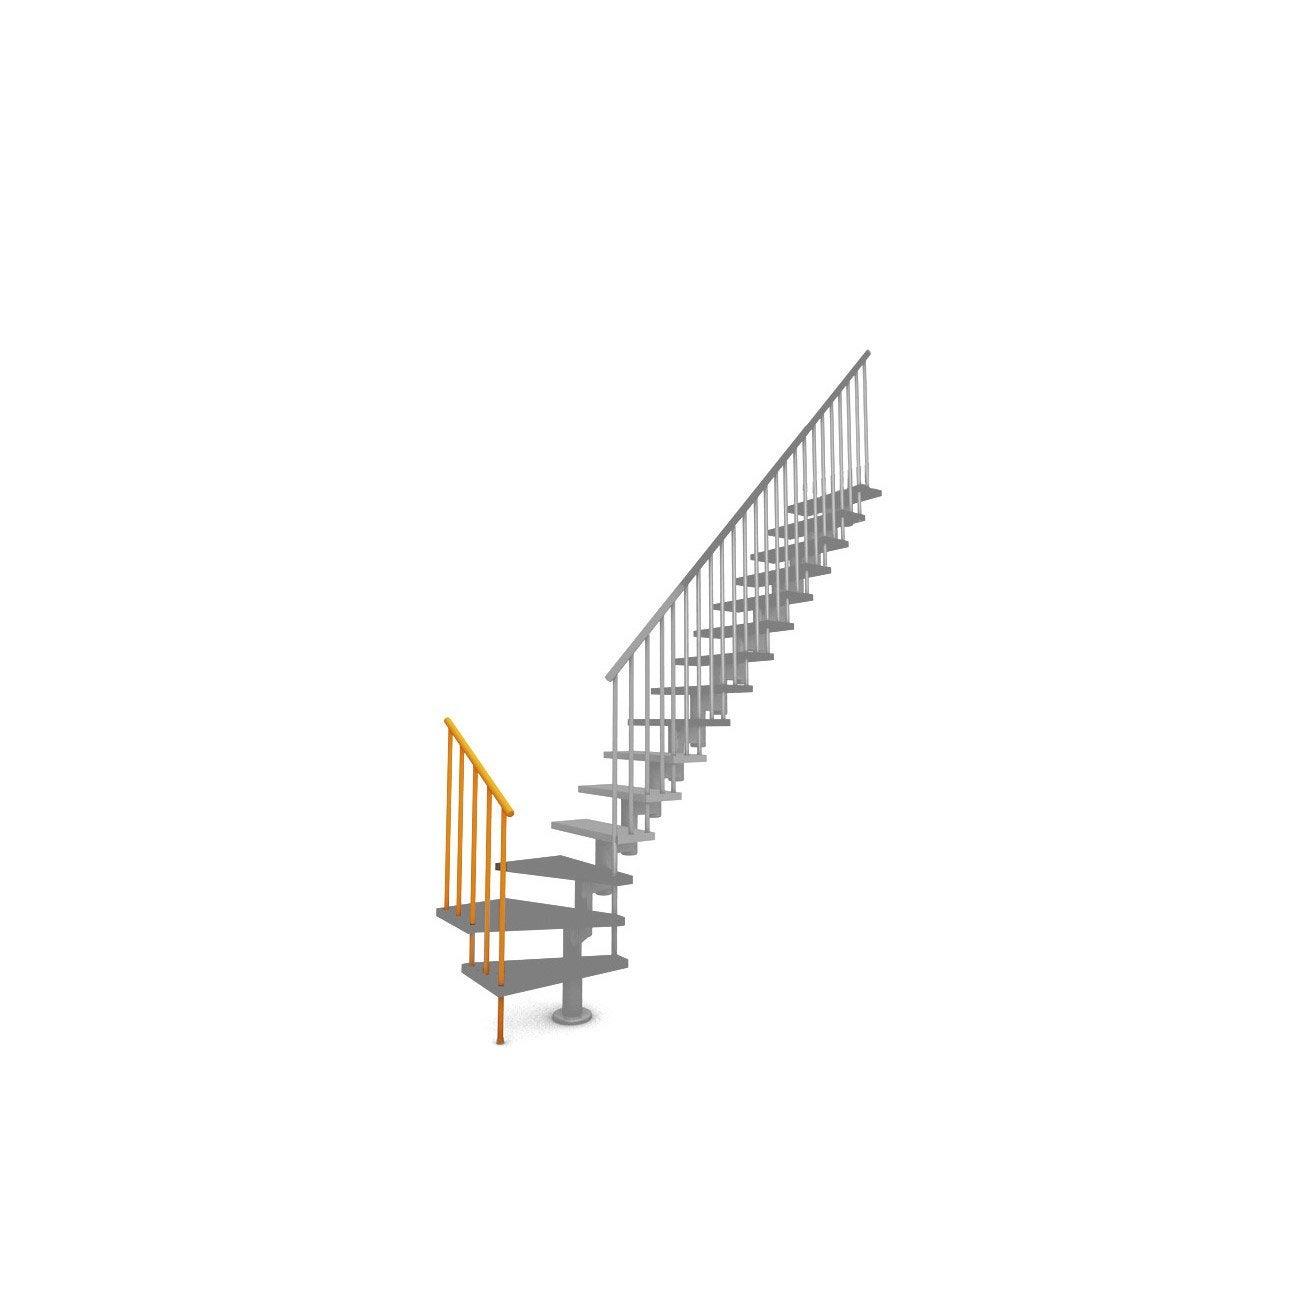 Garde corps suppl mentaire pour escalier long leroy merlin for Leroy merlin garde corps